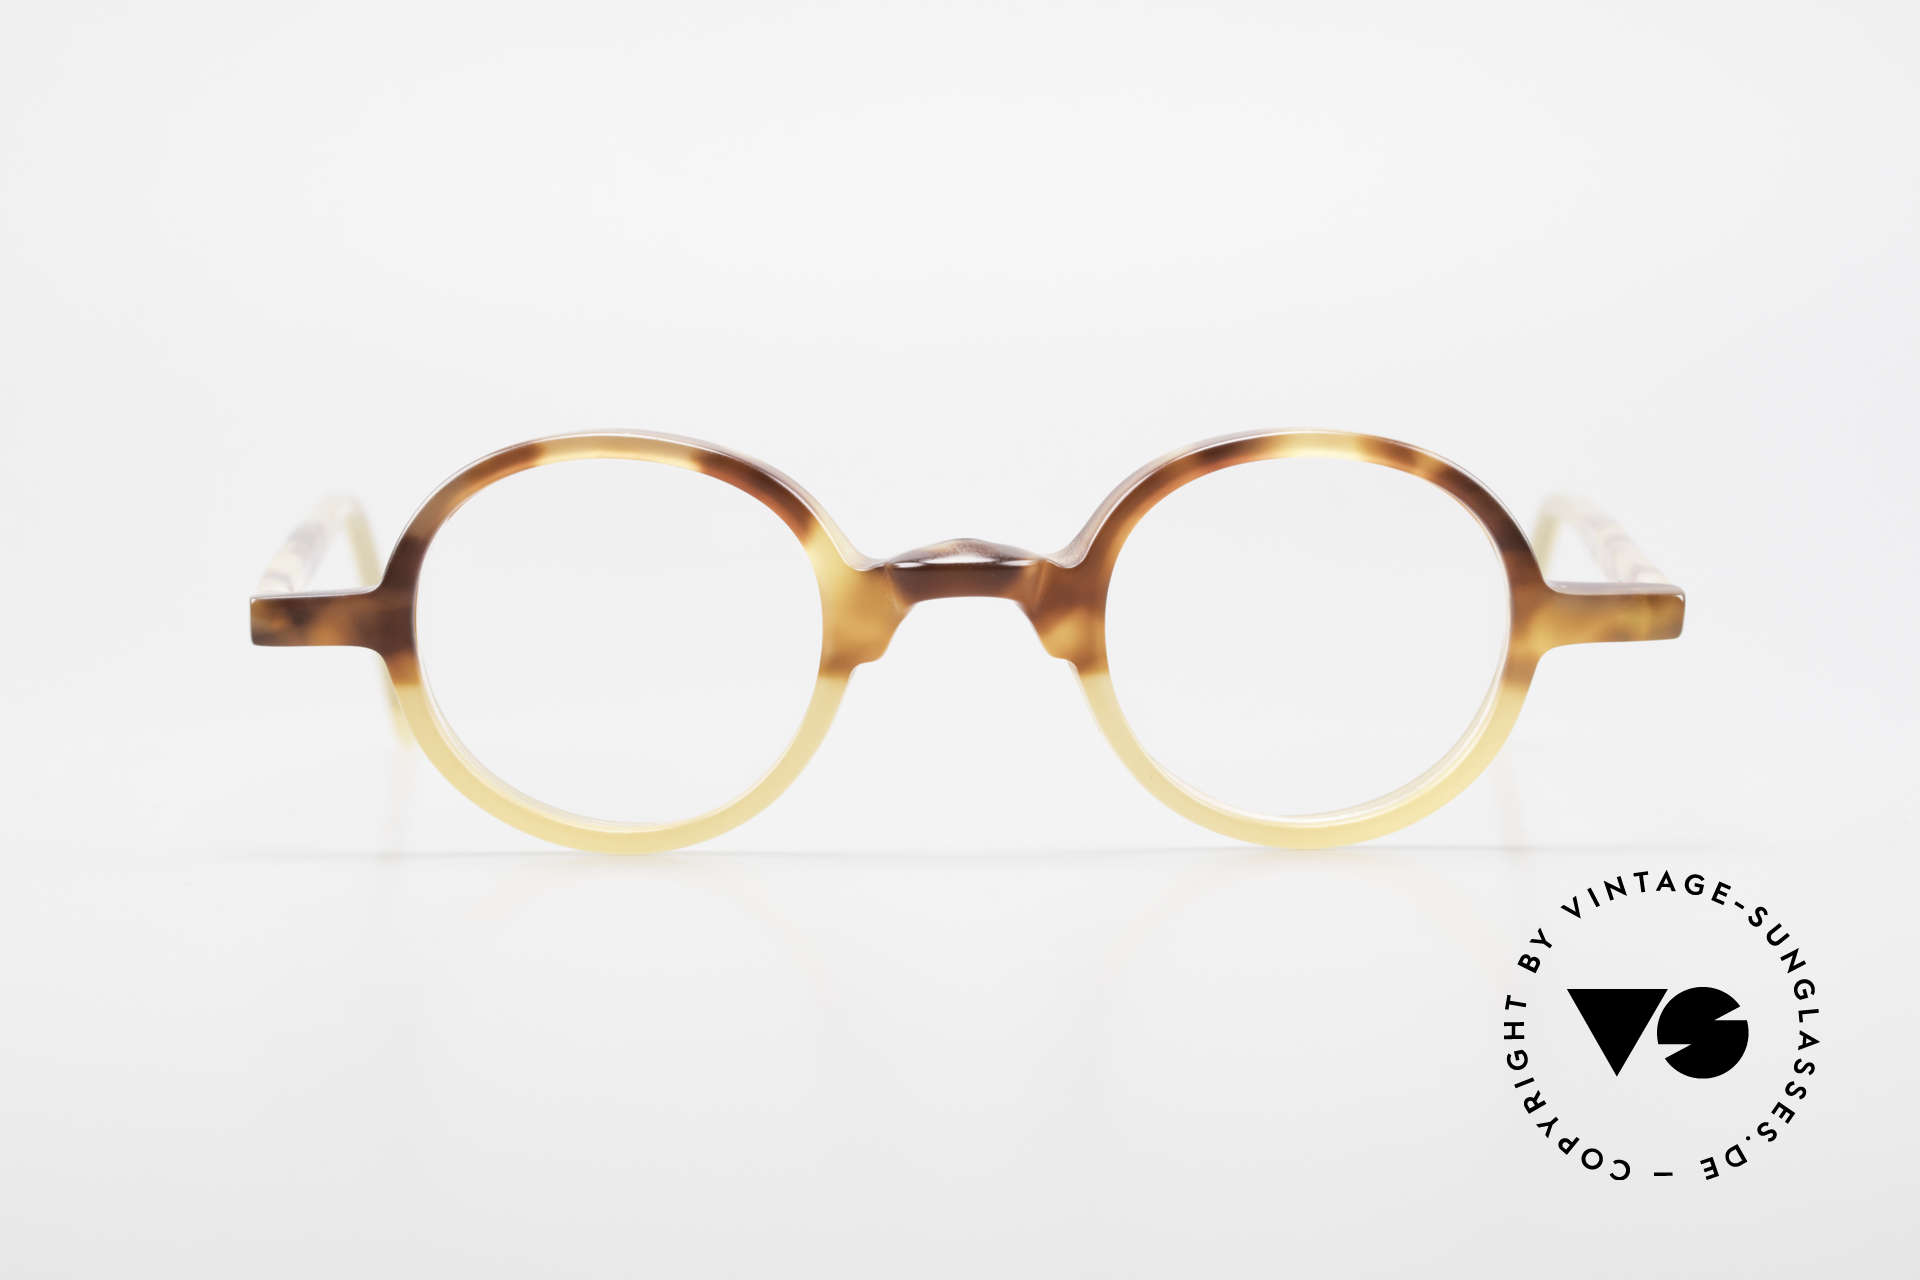 Anne Et Valentin Albert Runde Alte 80er Vintage Brille, das Ehepaar Anne (Künstlerin) und Valentin (Optiker), Passend für Herren und Damen